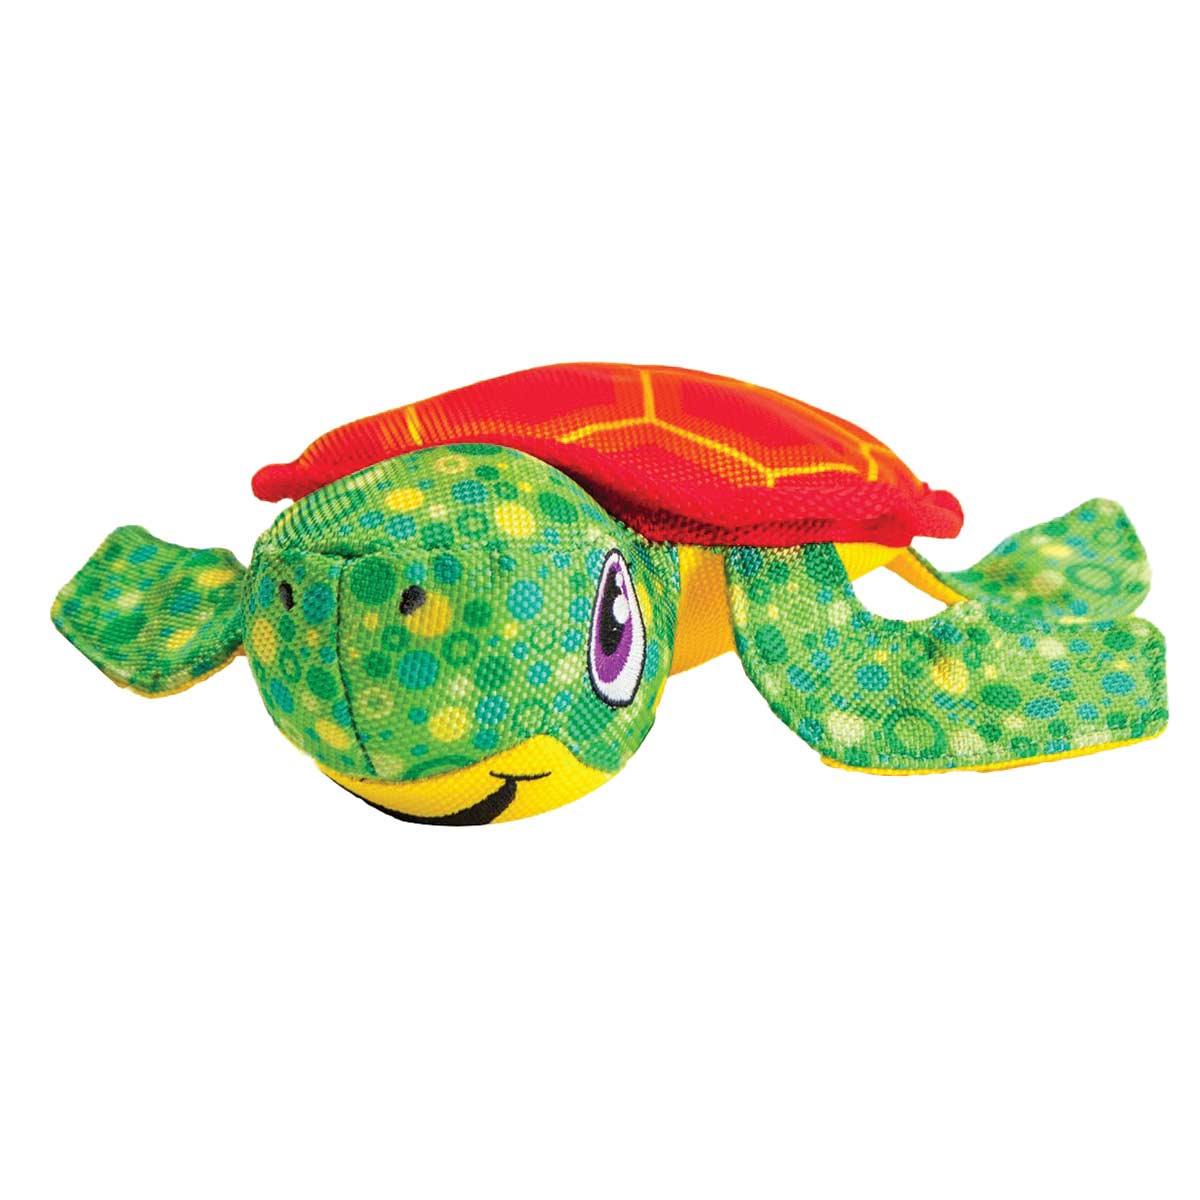 12 inch Outward Hound Floatiez Squeaky Turtle - Dog Water Play